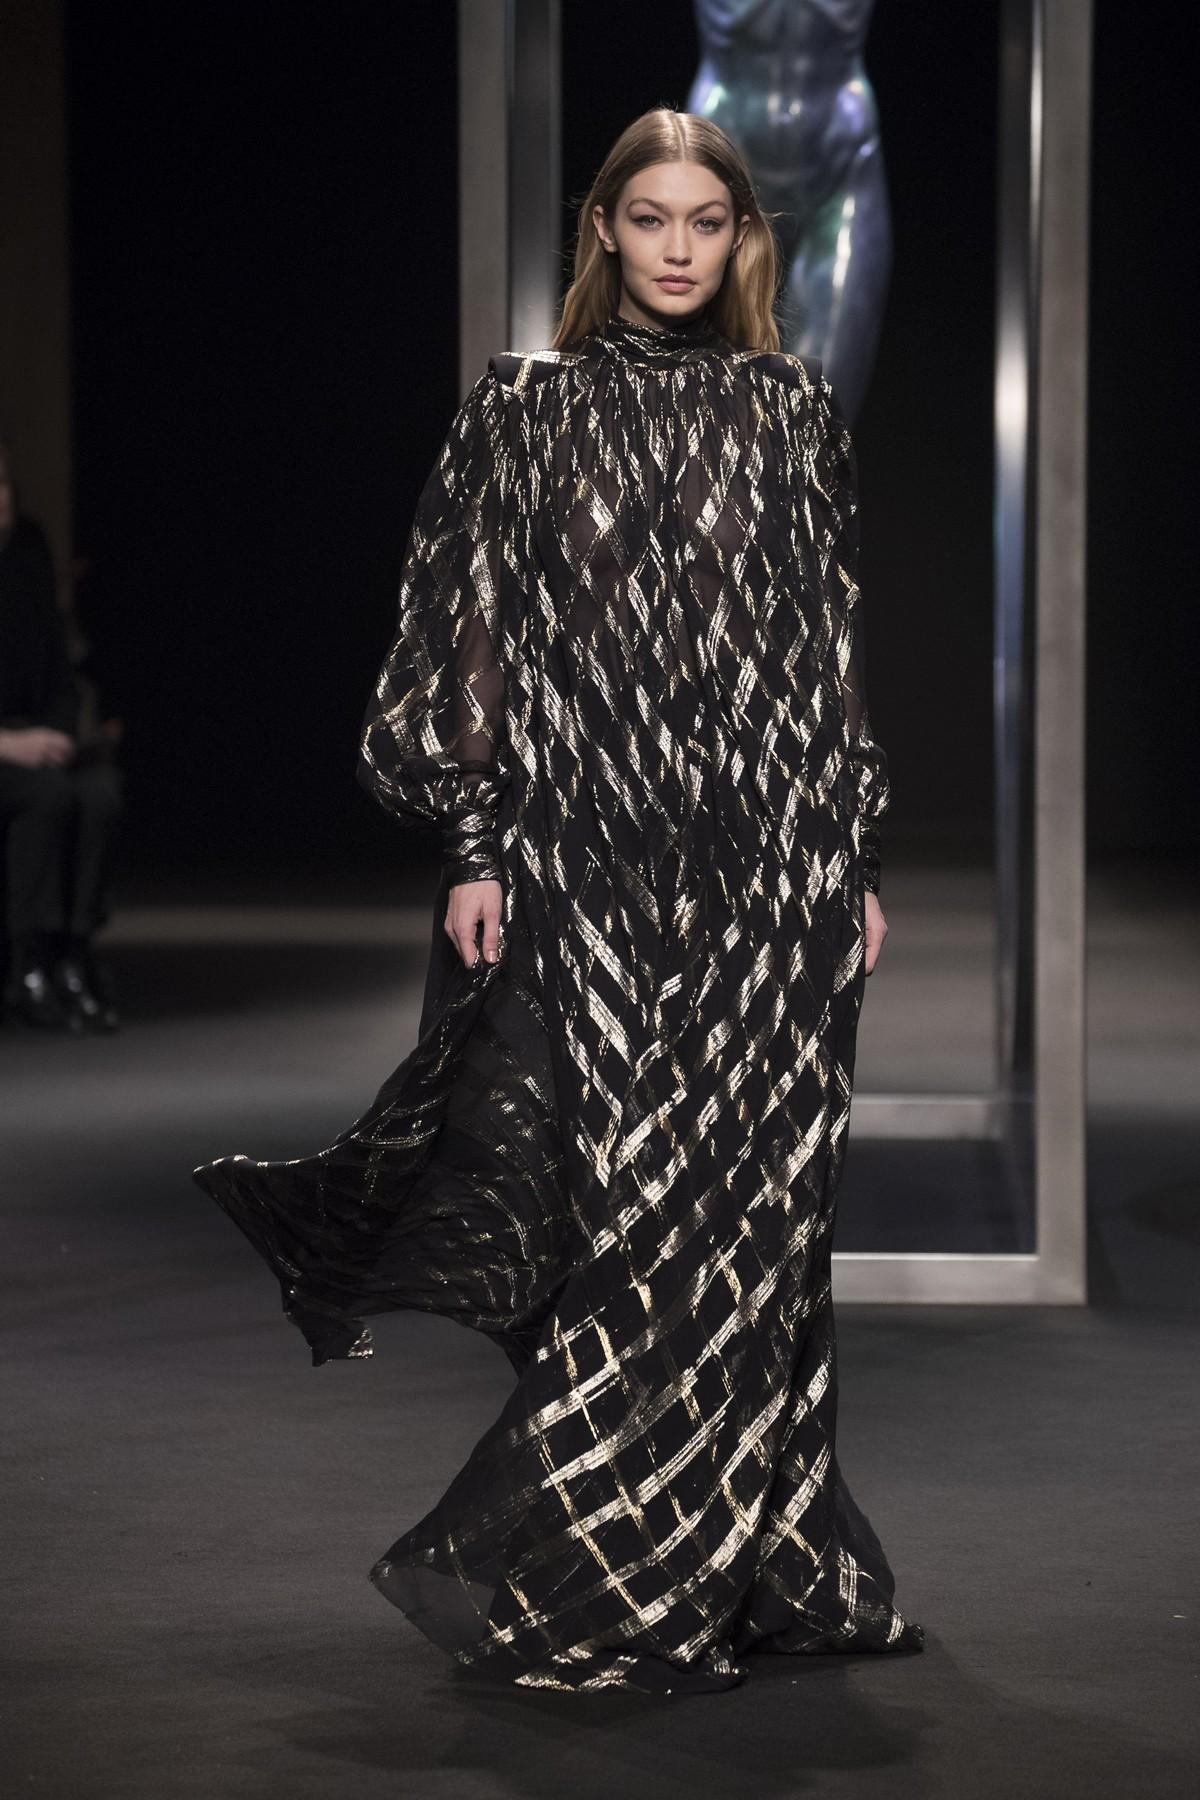 Ha sfilato sulle passerelle di Milano Moda Donna la nuova collezione  autunno inverno 2018 2019 di Alberta Ferretti che racconta un nuovo  daywear 33ca3eb7d6de